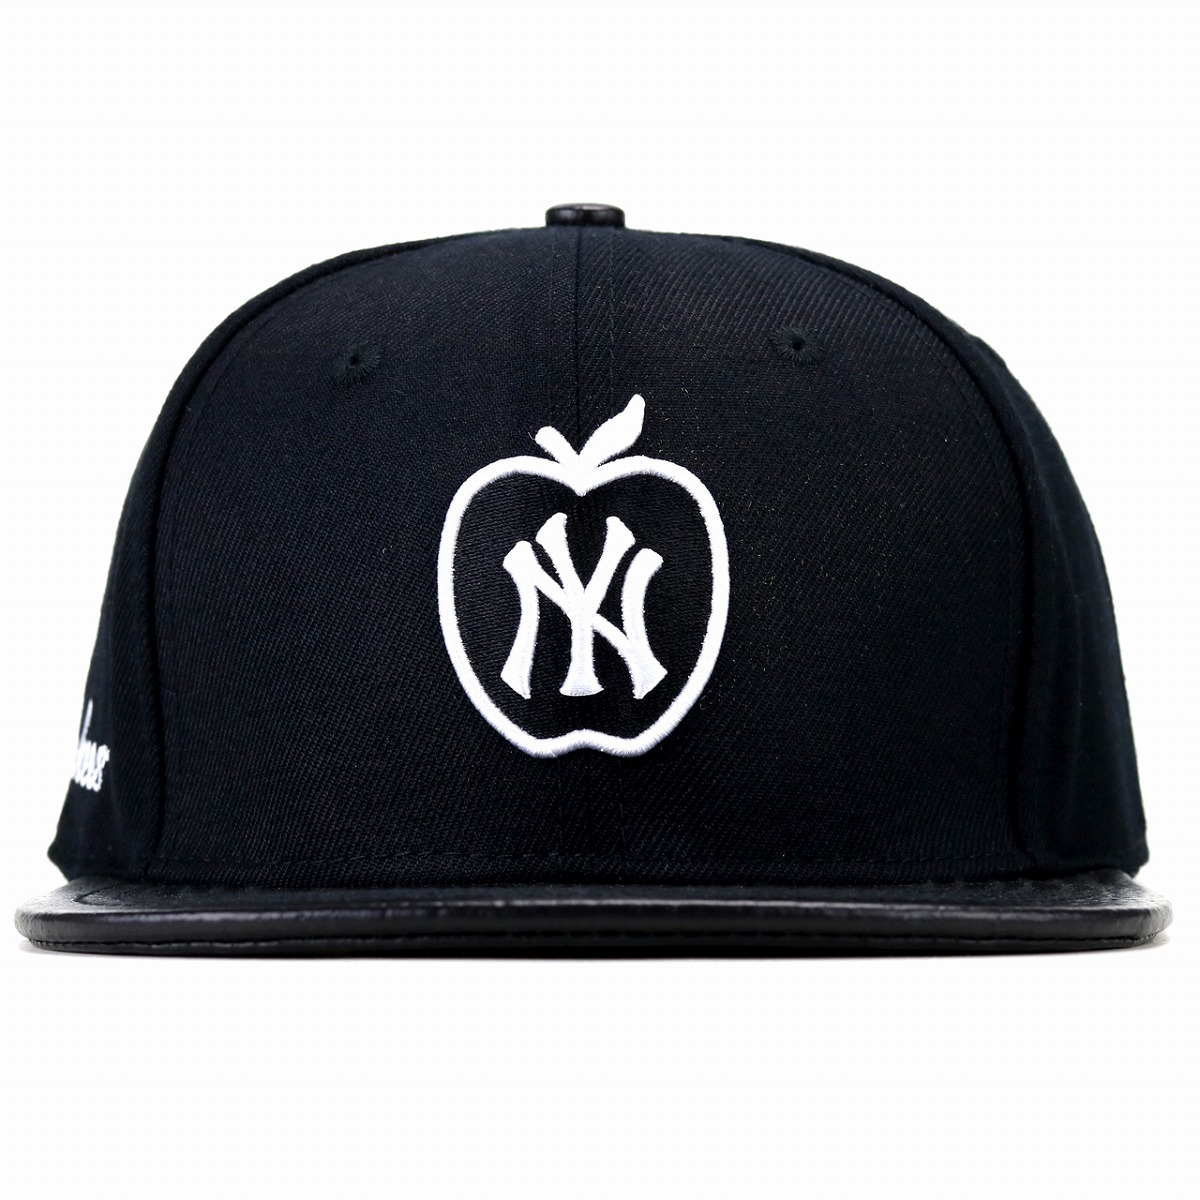 New York Yankees black big apple cap professional standard men gap Dis hat  MLB NewYorkYankees Pro Standard black   black  baseball cap  5e69f394984